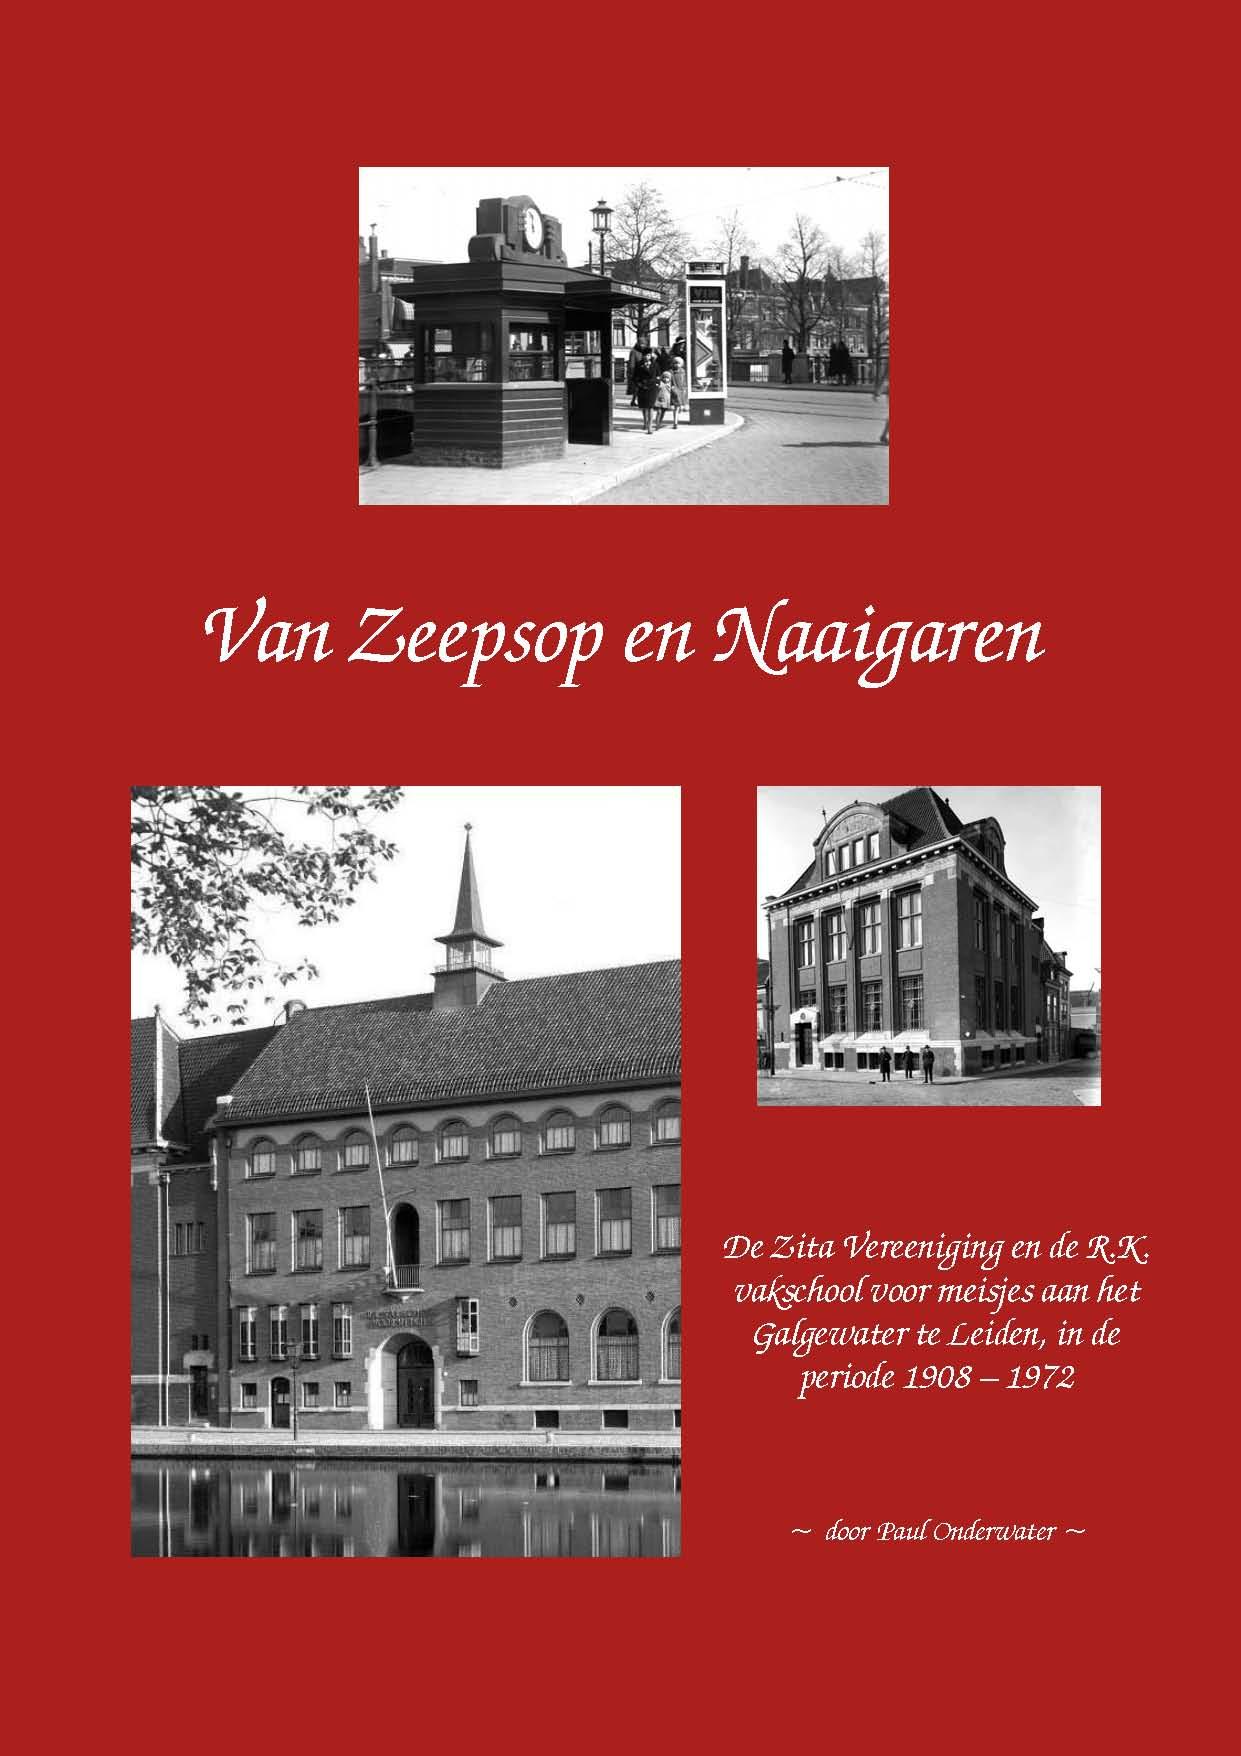 Van Zeepsop en Naaigaren